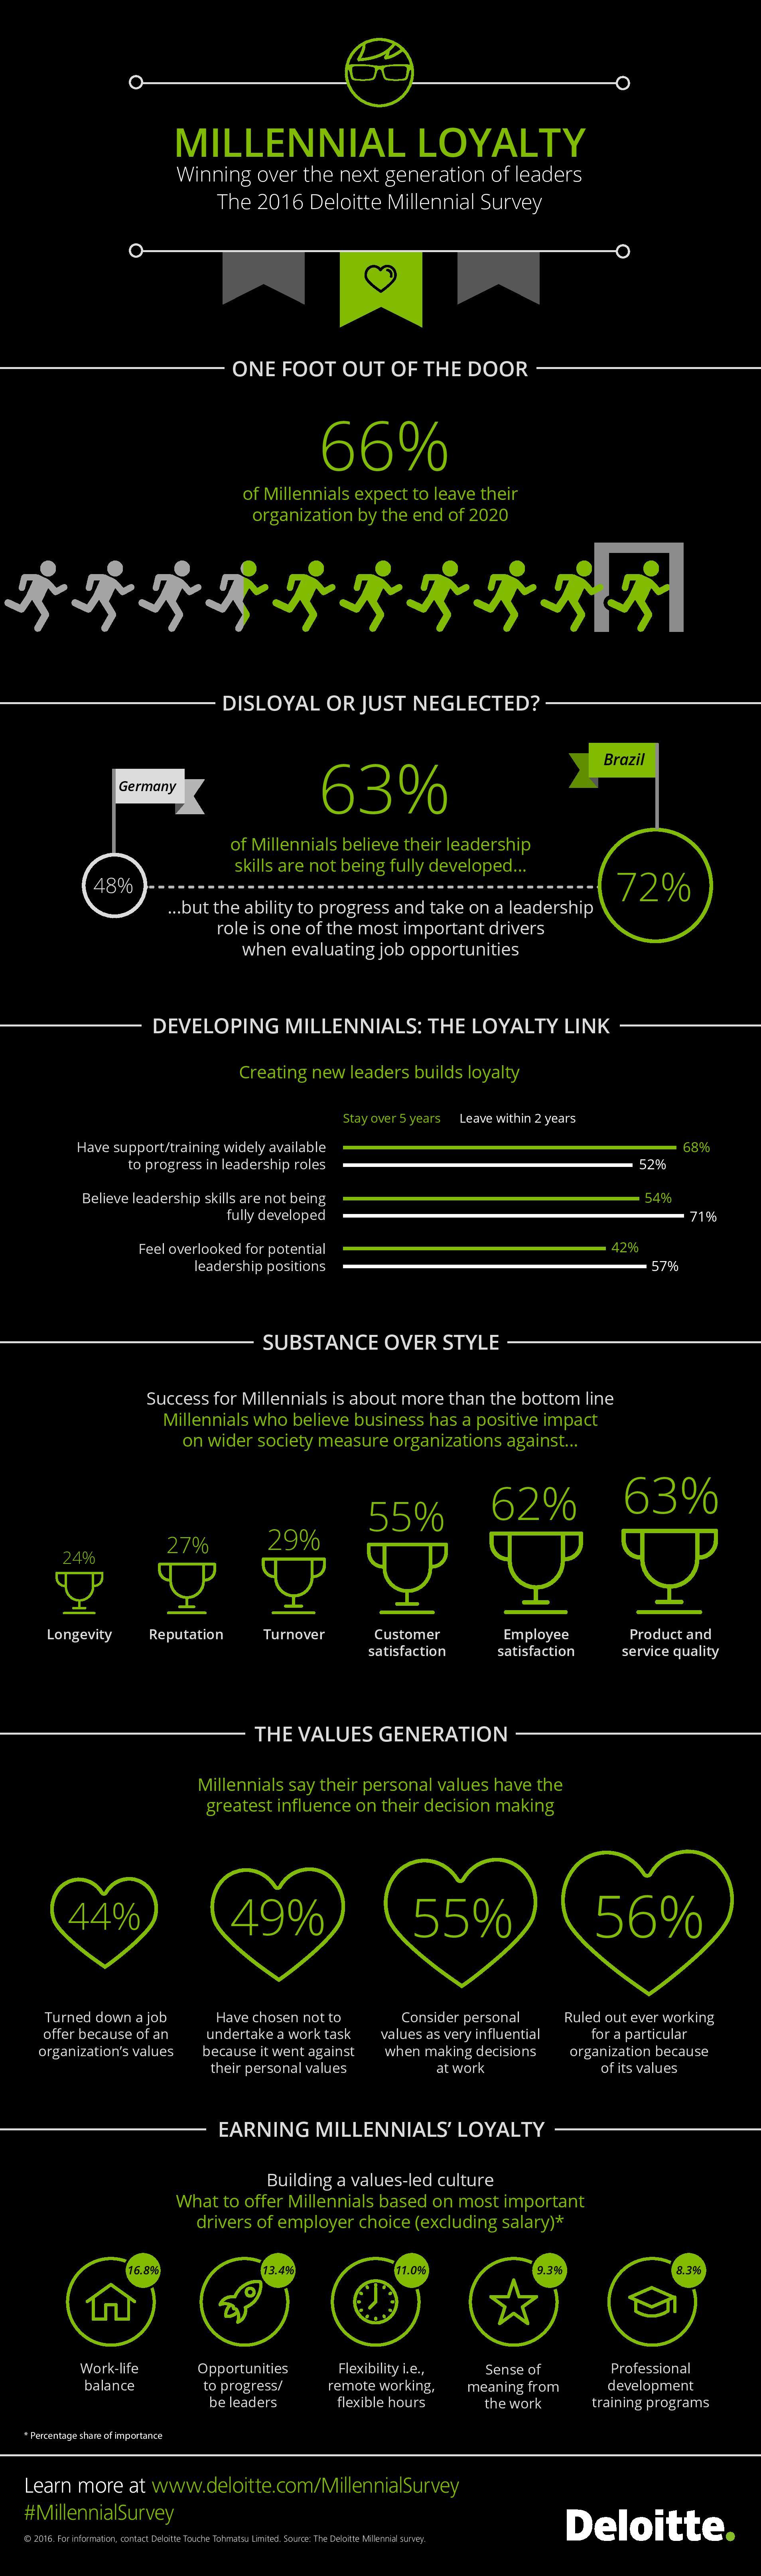 millennial-survey-2016-infographic_Deloitte.jpg